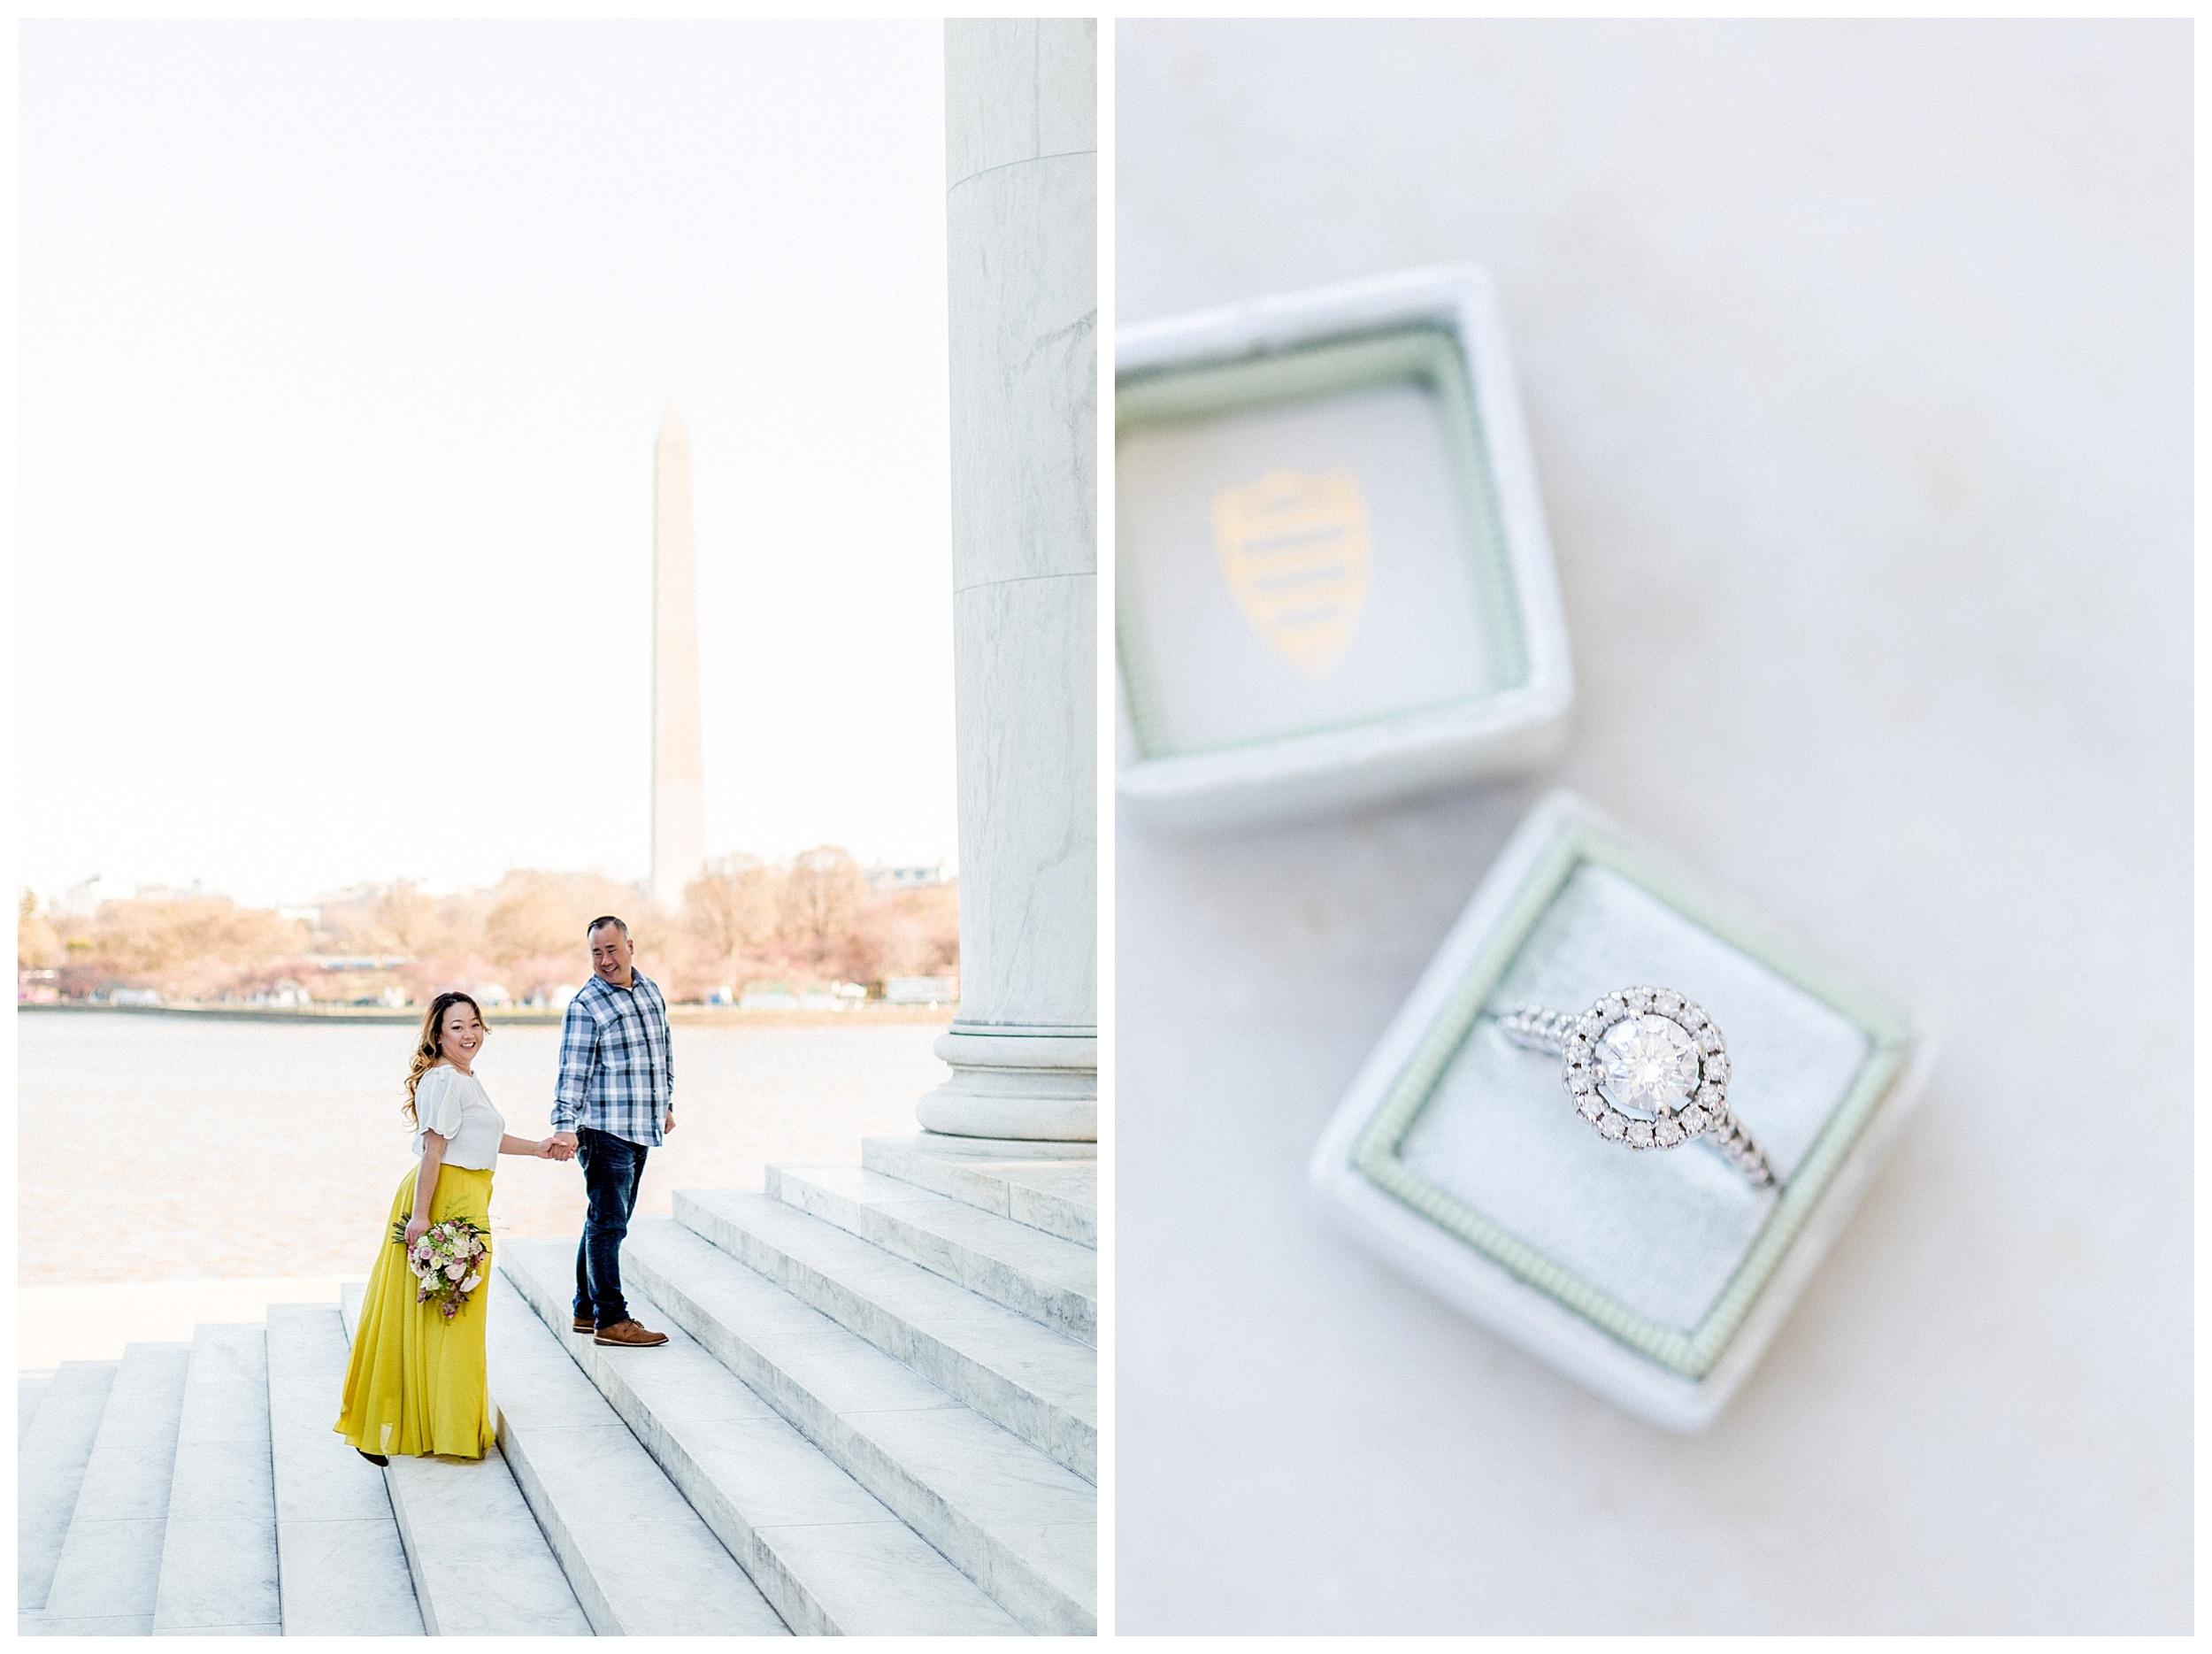 Washington DC Engagement Photos | Thomas Jefferson Engagement Session_0018.jpg